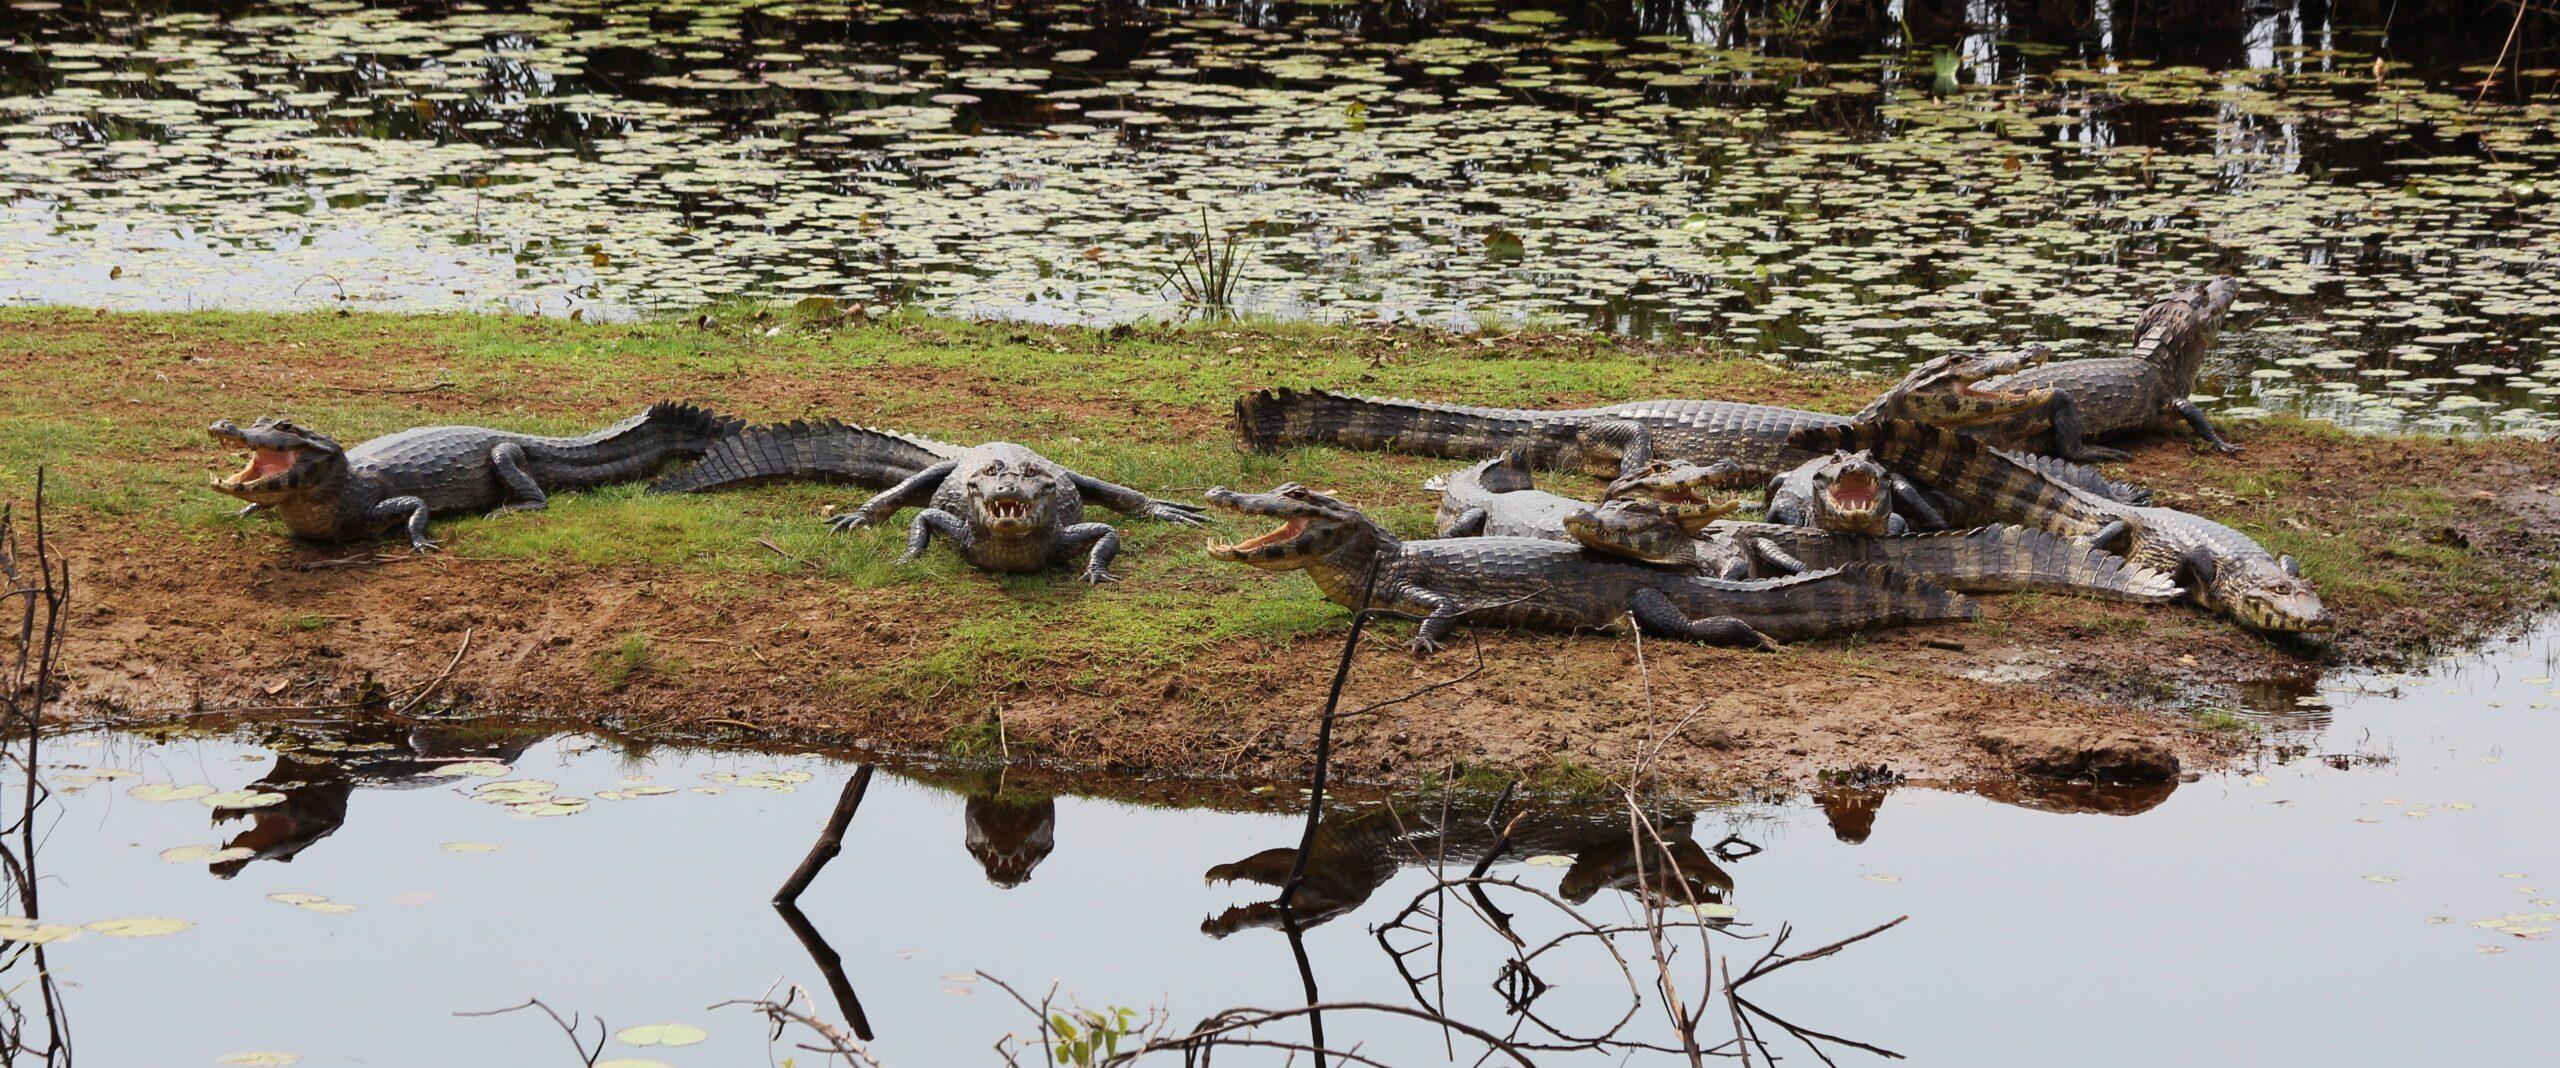 27 – Pantanal – ein Gefühl wie im Zoo